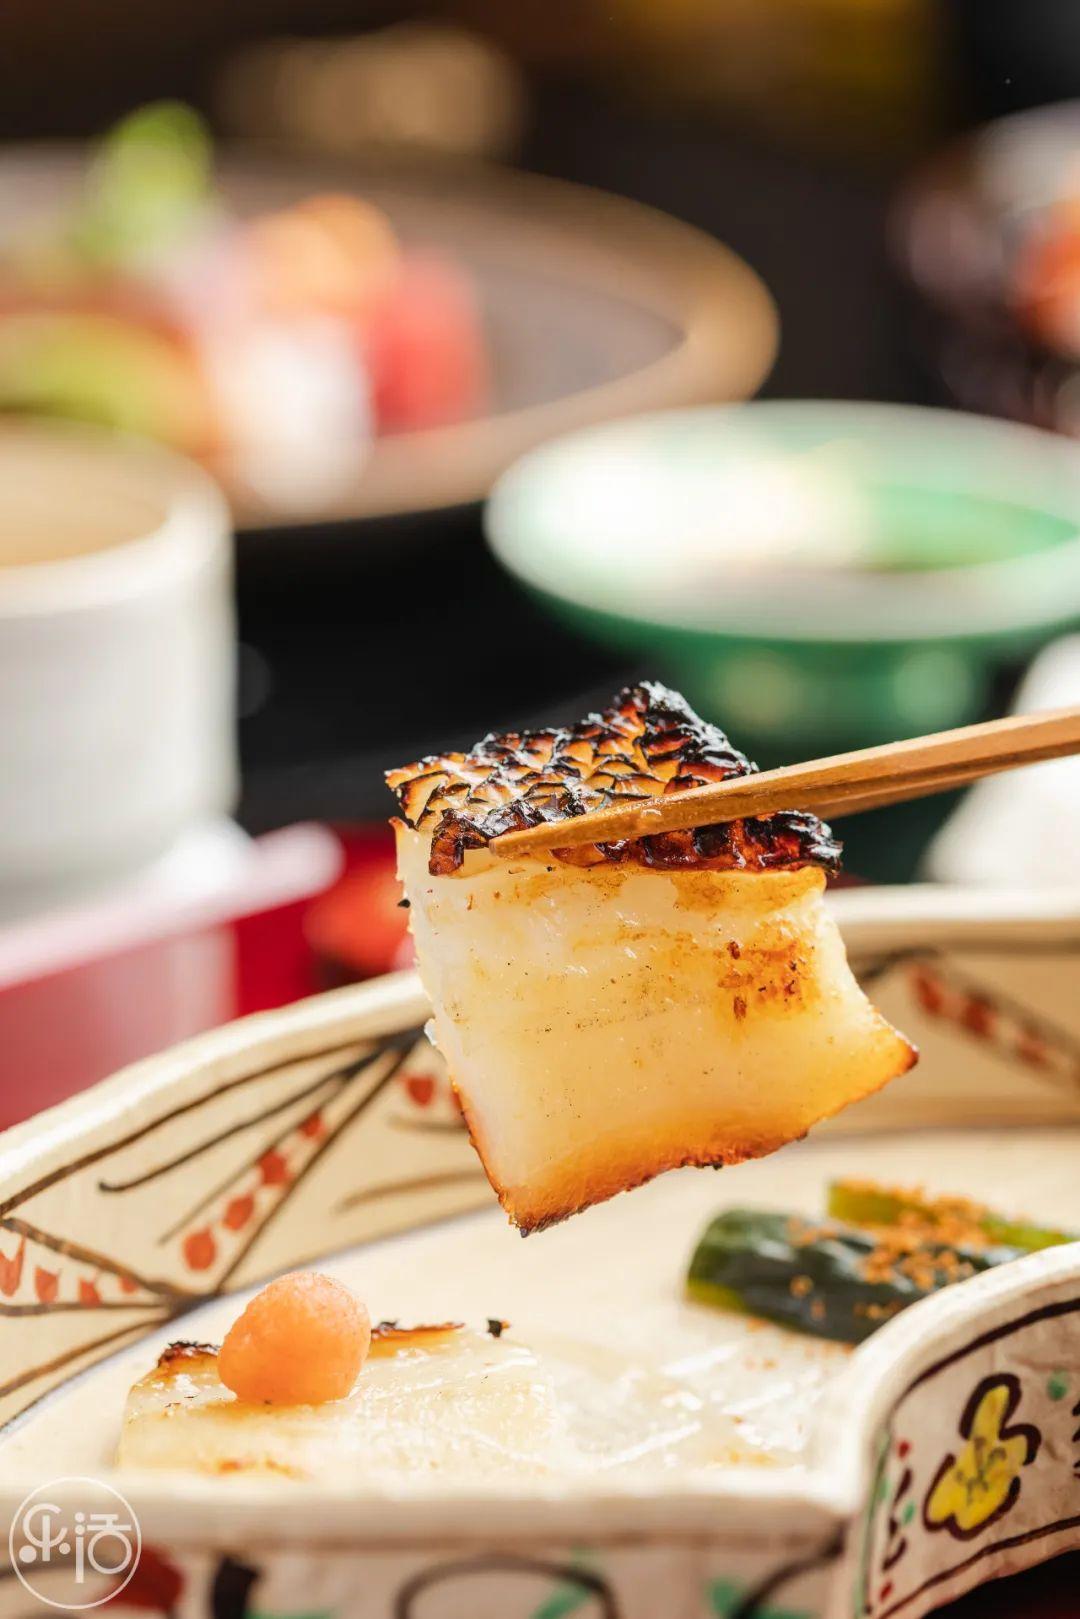 全杭州Zui大的会席料理店来袭!人均600元就能体验到的Top级日料,来自日本饮食文化的上等名流之选!(图42)